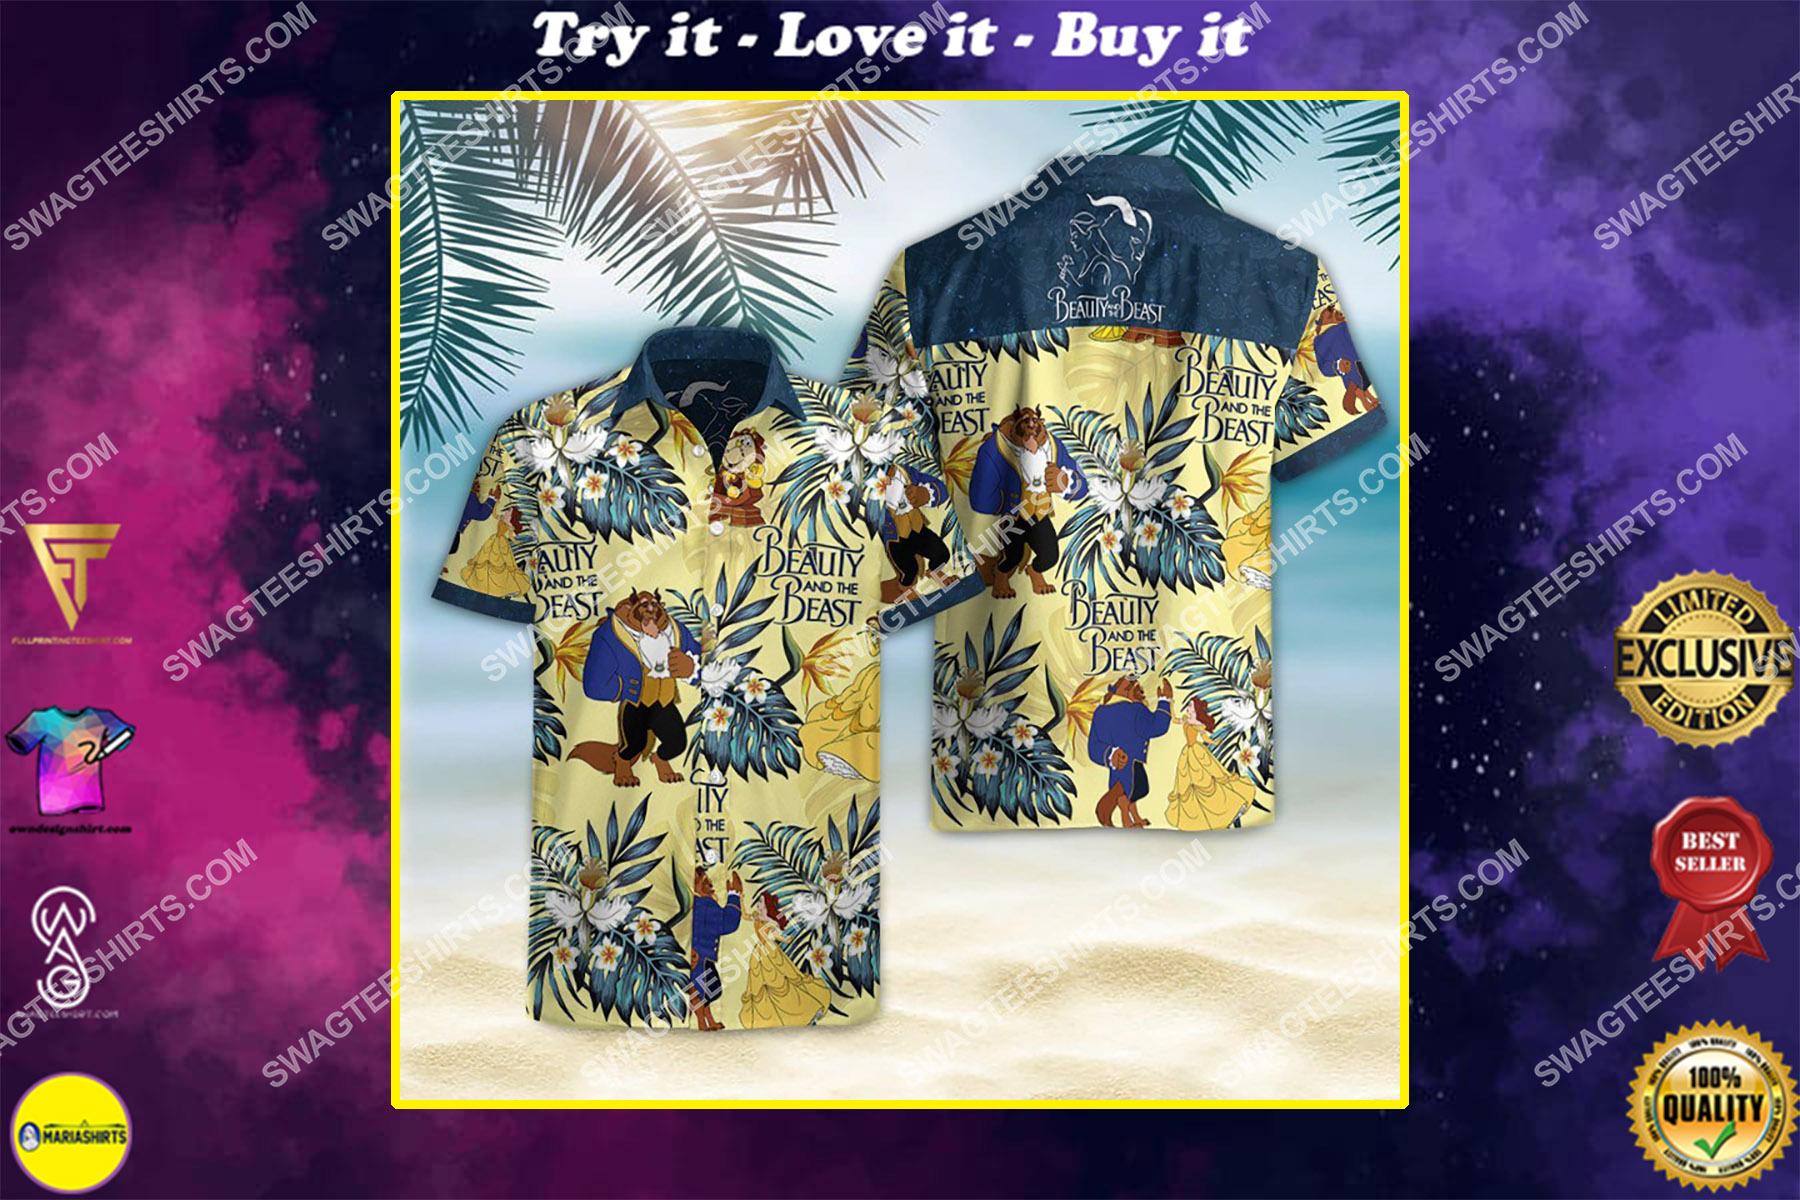 beauty and the beast movie hawaiian shirt